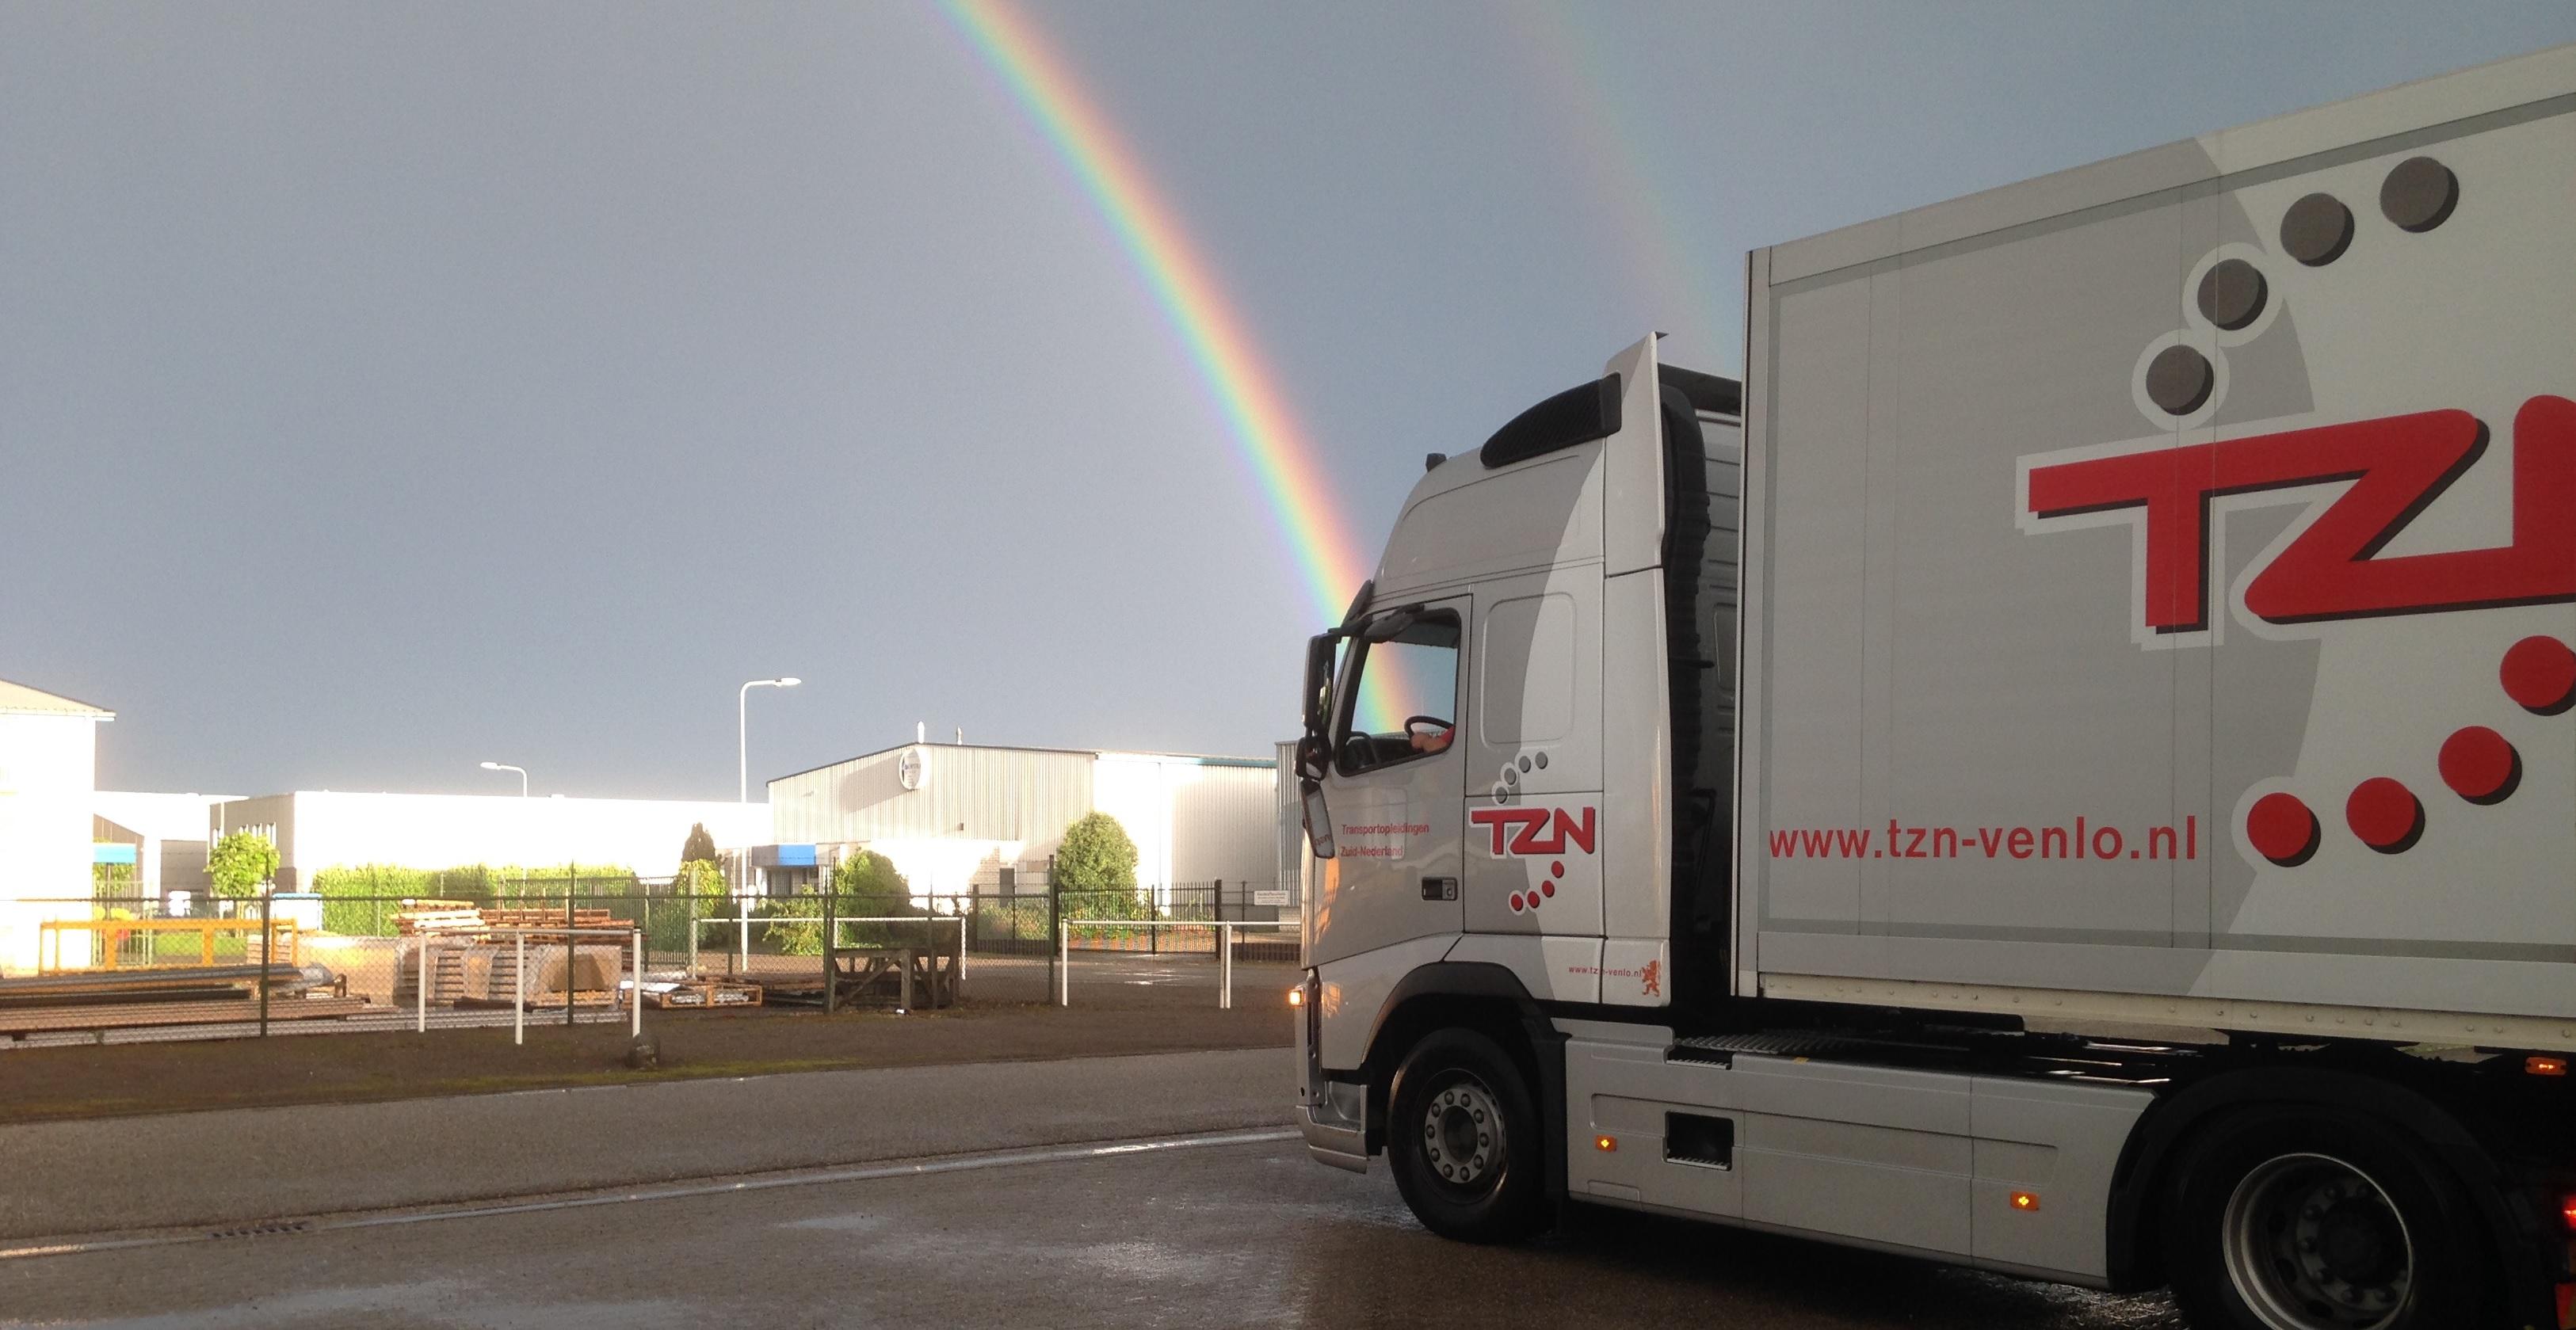 TZN-regenboog